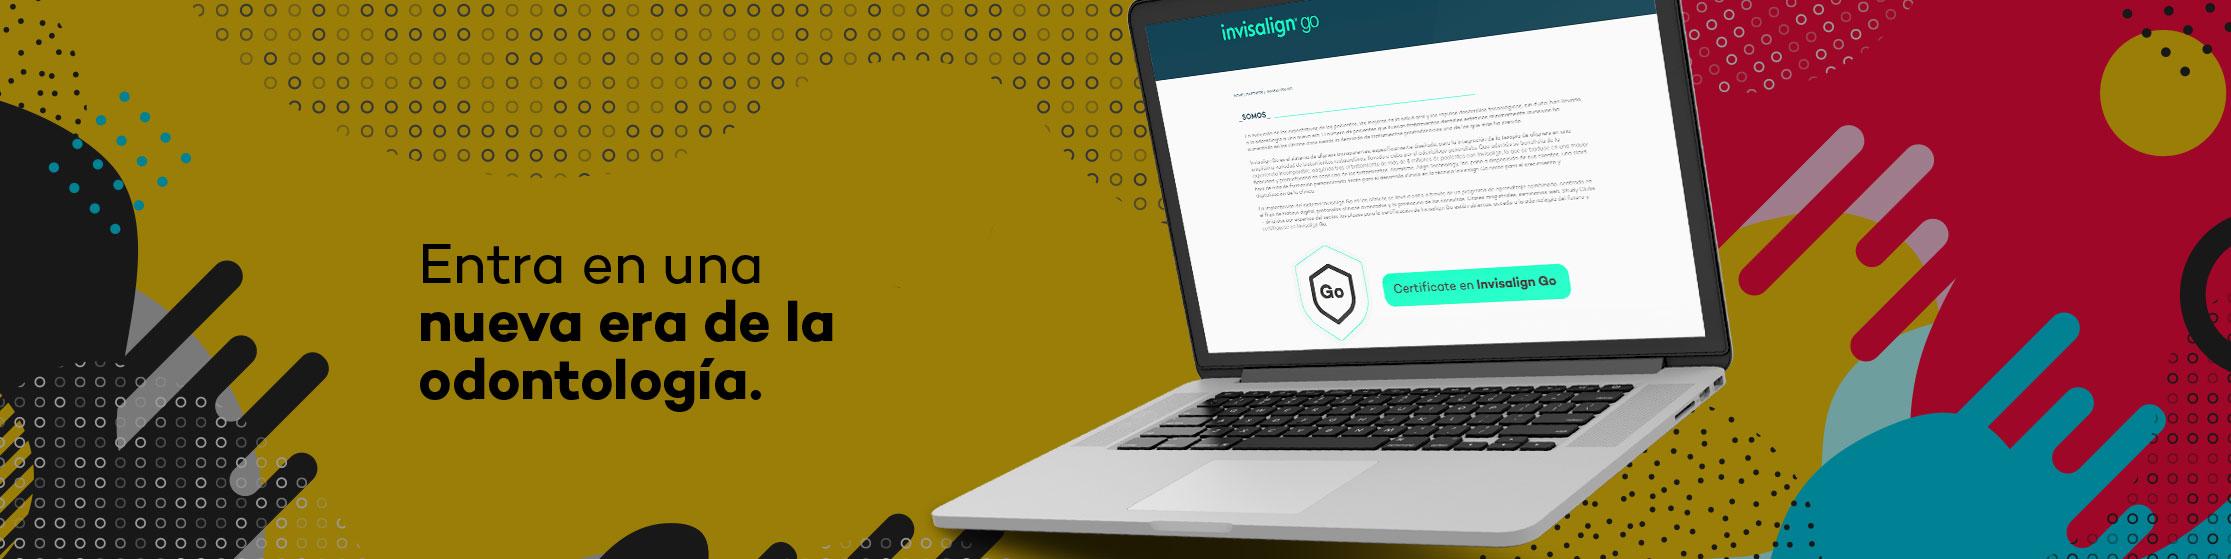 Imagen que representa al partner Invisalign Go de la plataforma de odontología de Inspiria